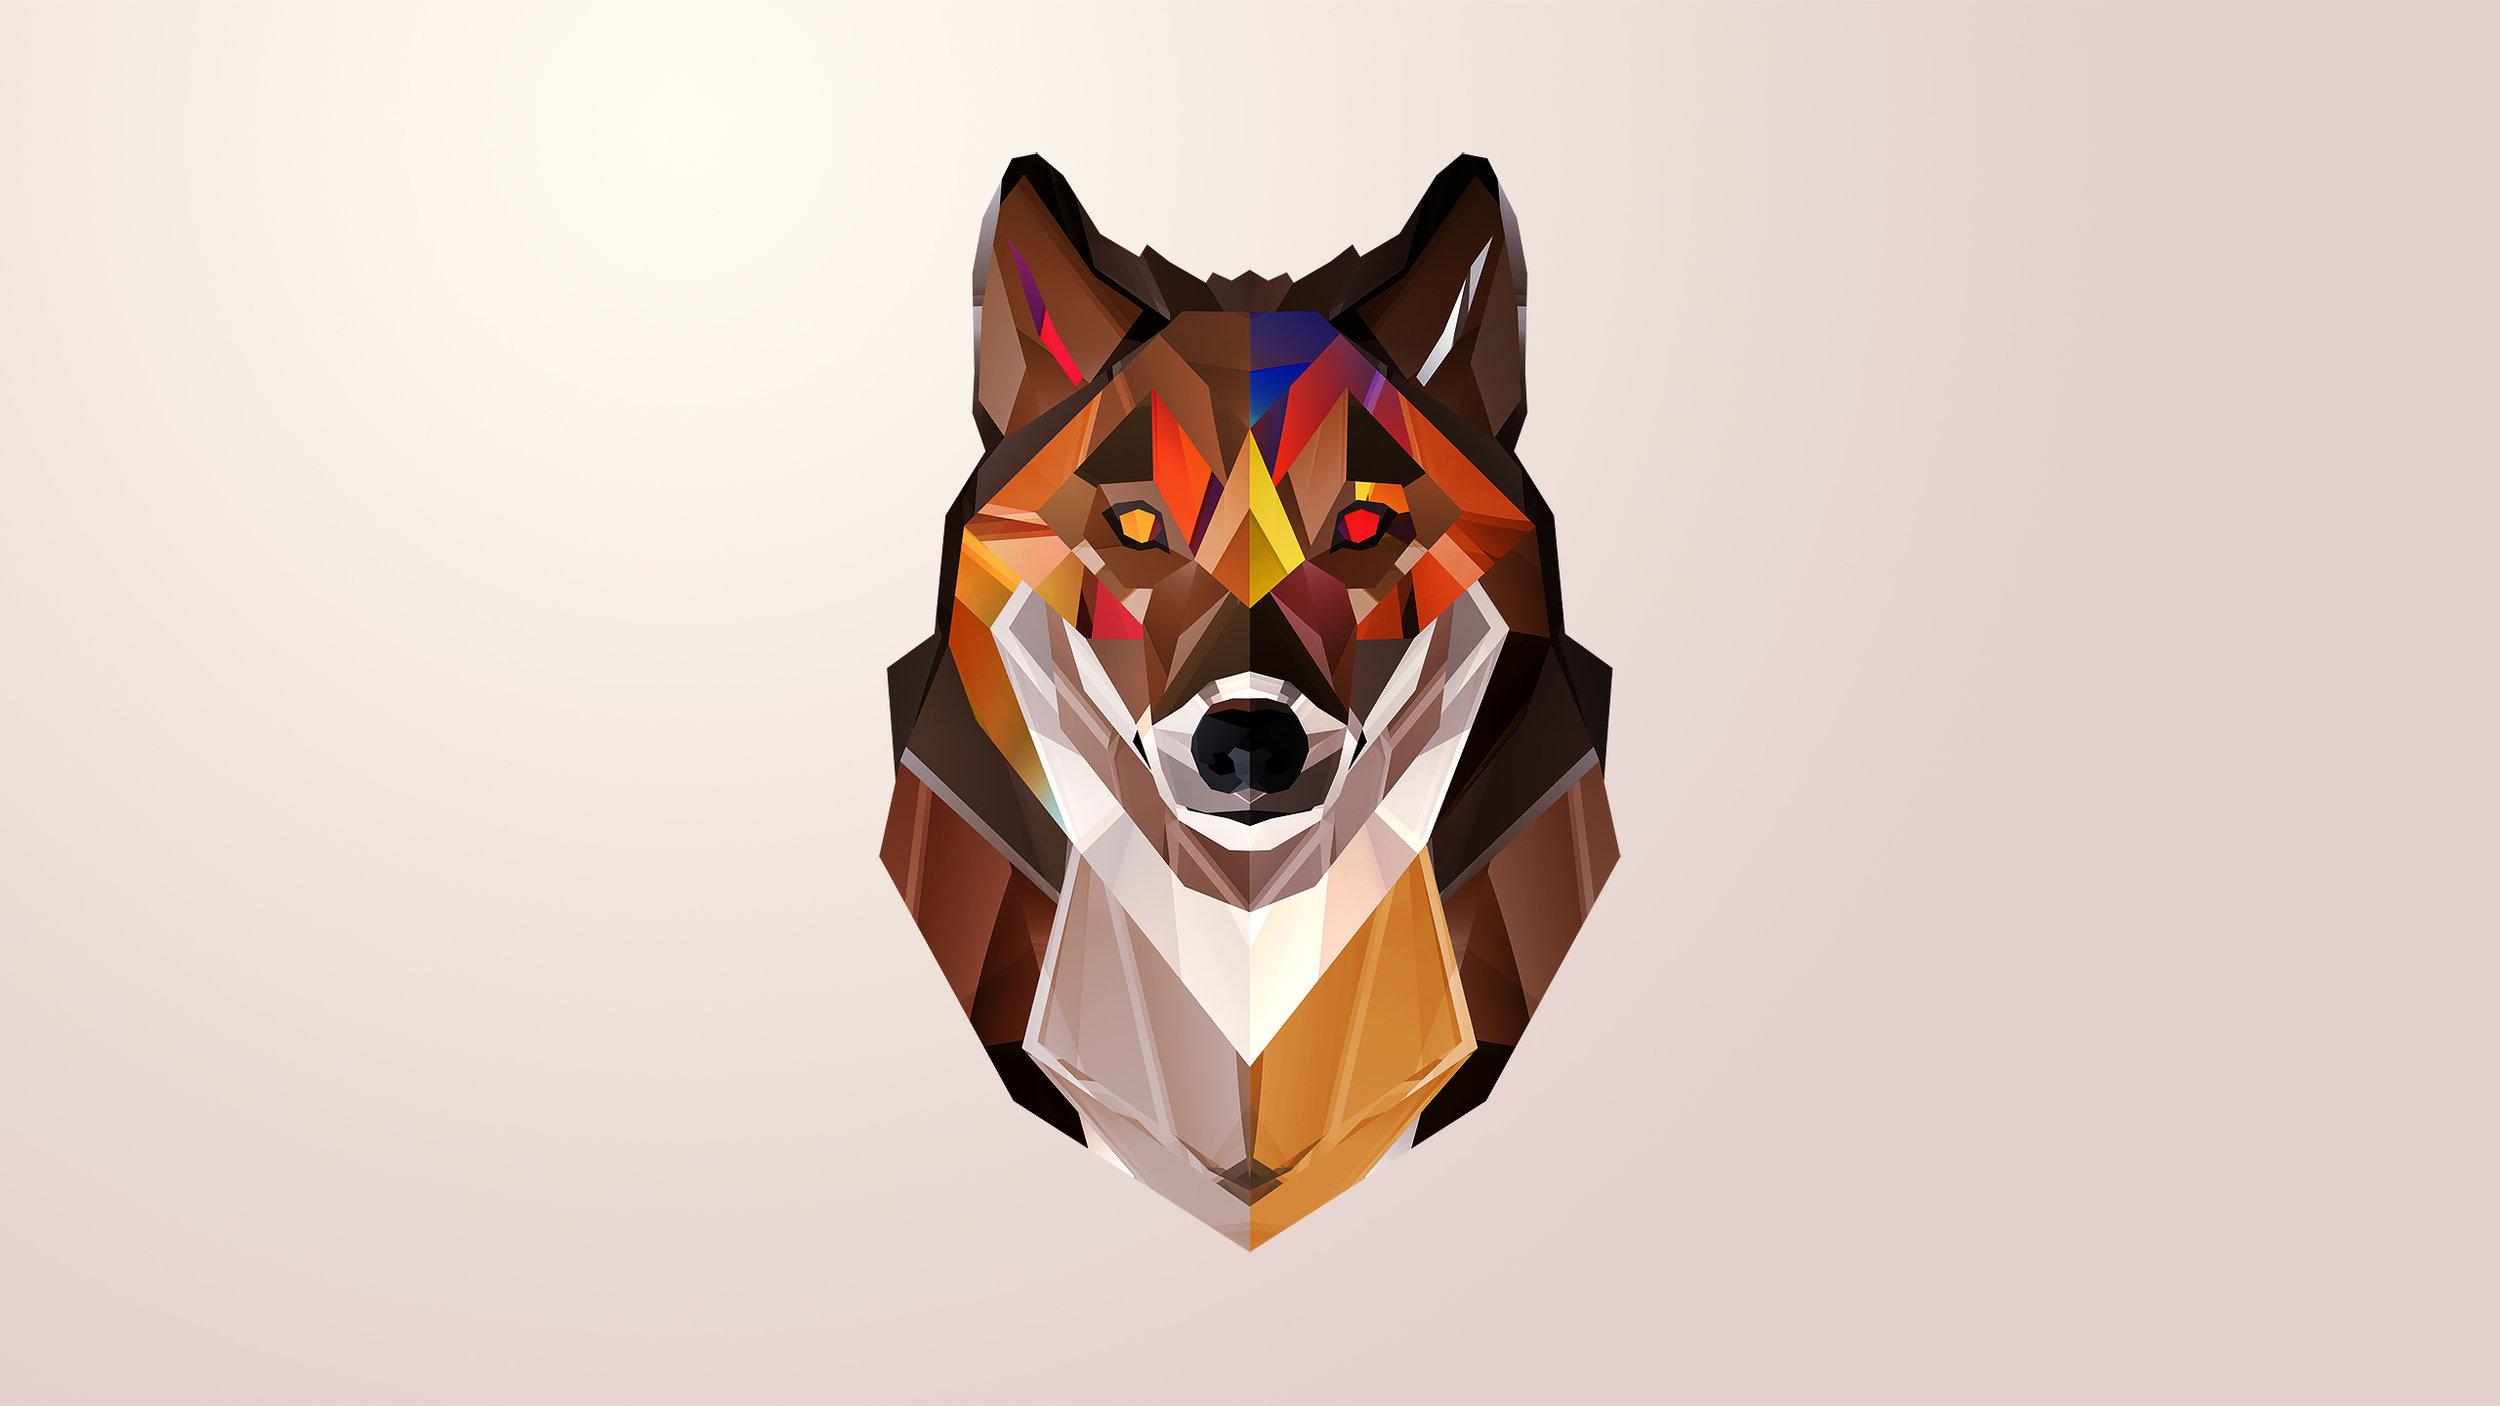 WP_Autumnal_Wolf-2560x1440_00000.jpg